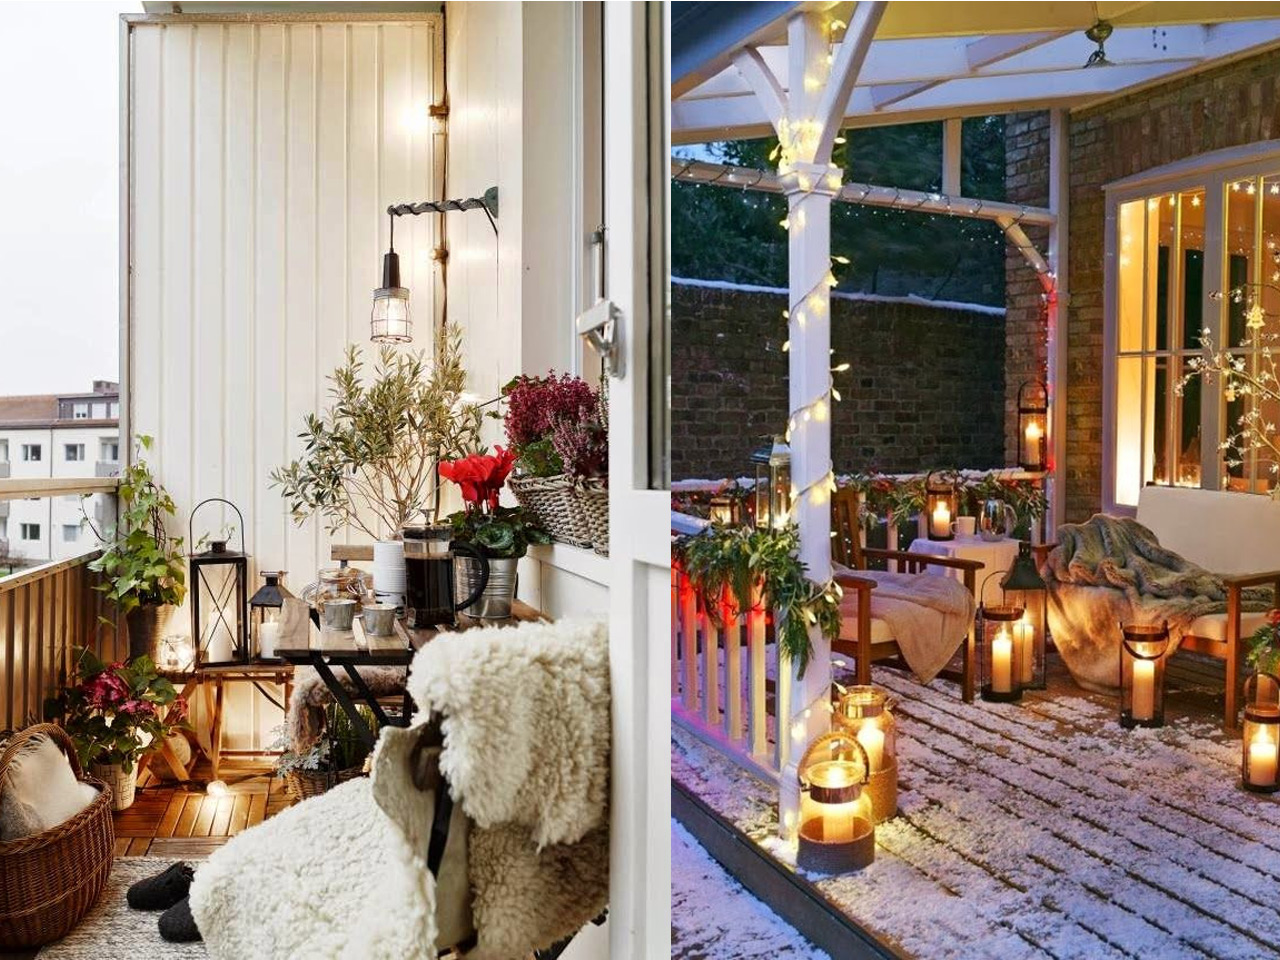 decorar terrazas con encanto en invierno tambi n